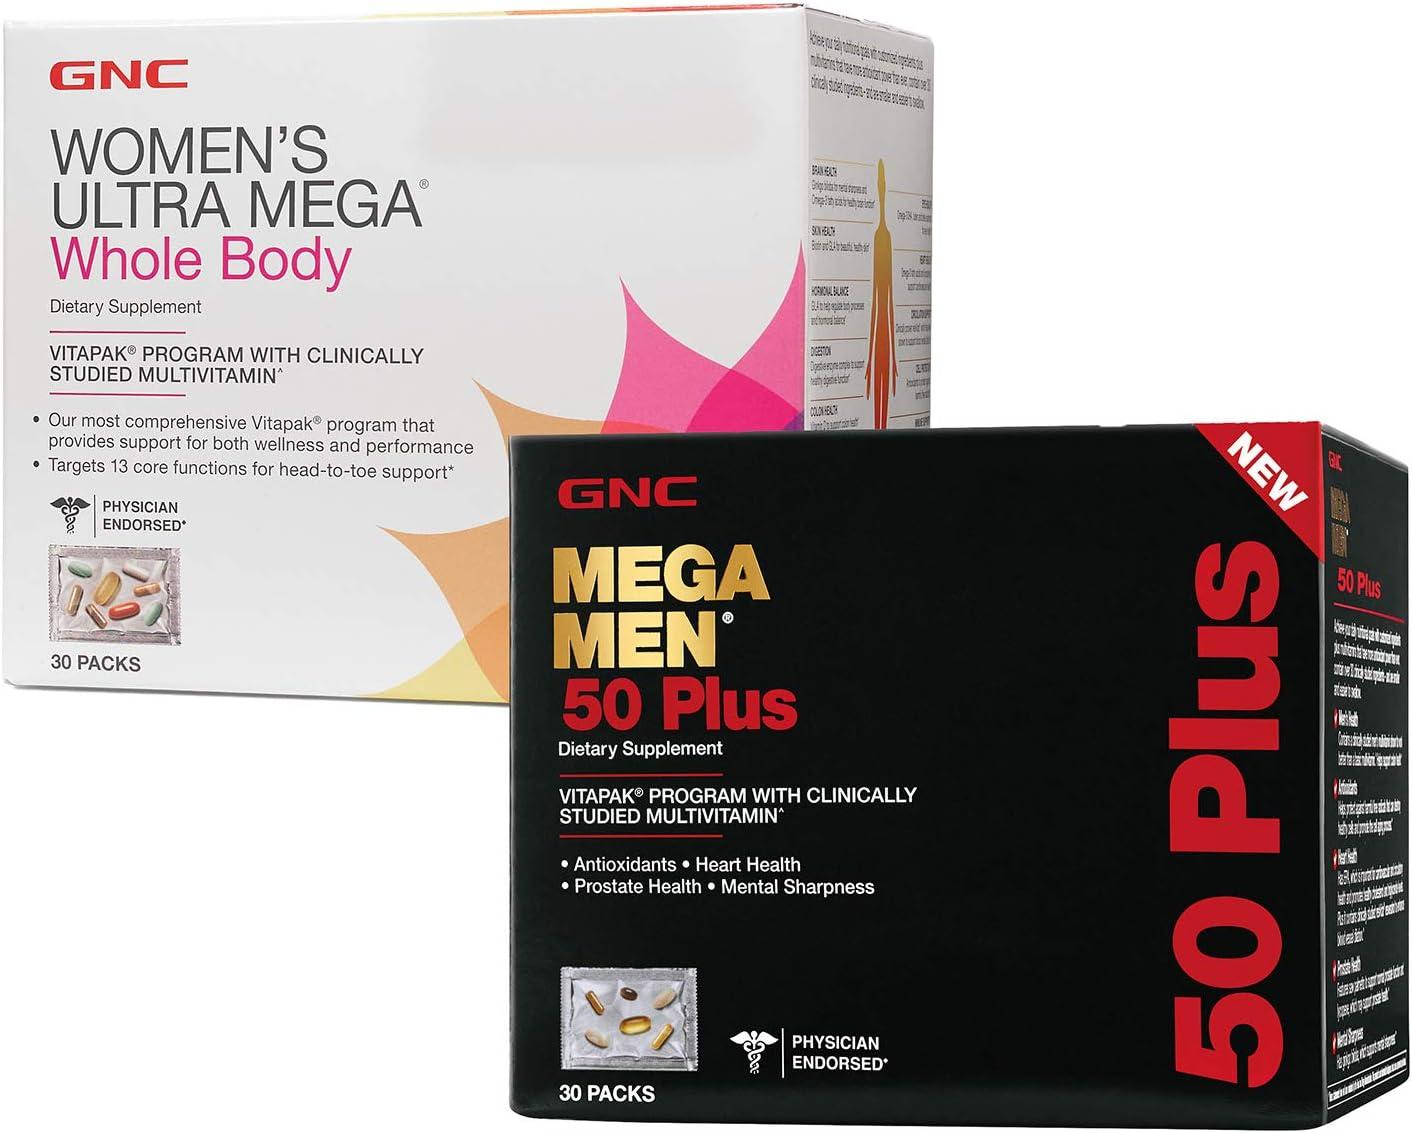 GNC Women's Ultra Mega Whole Body Vitapak Program & GNC Mega Men 50+ Vitapak Program